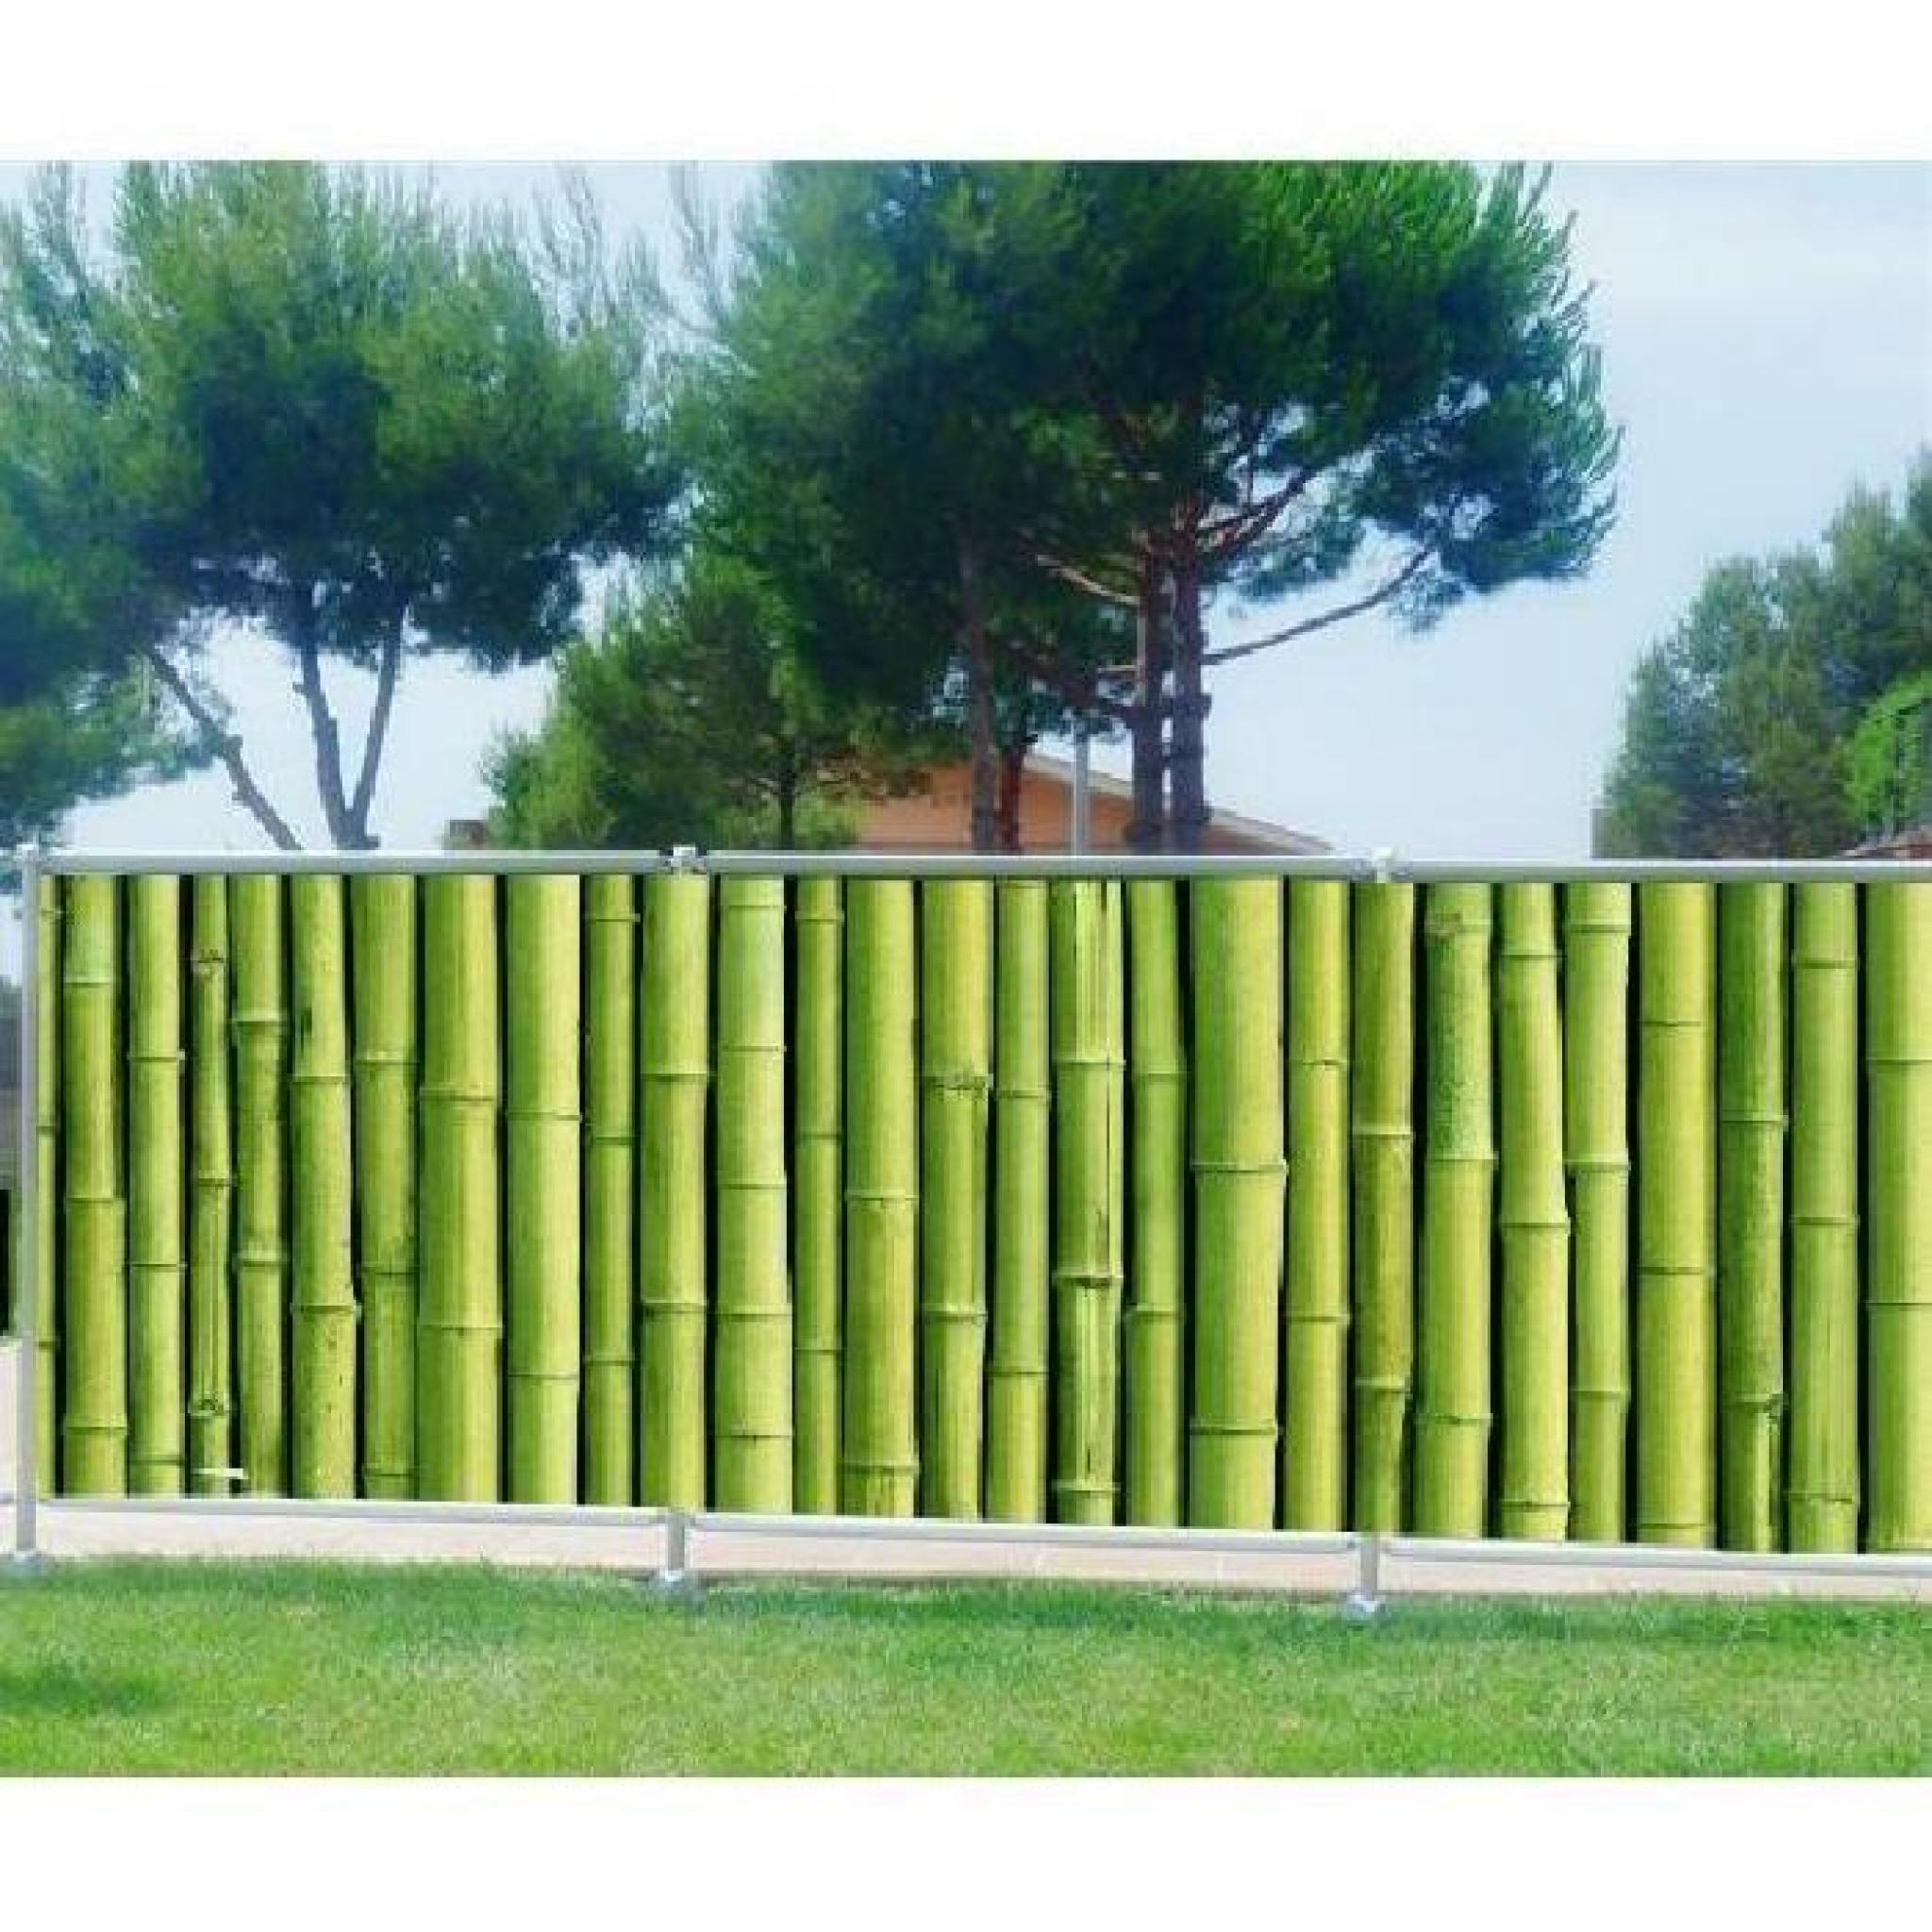 Brise Vue Imprimé, Jardin, Terrasse, Balcon Déco Bambous Occultation - 80%,  Dimensions - 340X132Cm avec Brise Vue Jardin Pas Cher